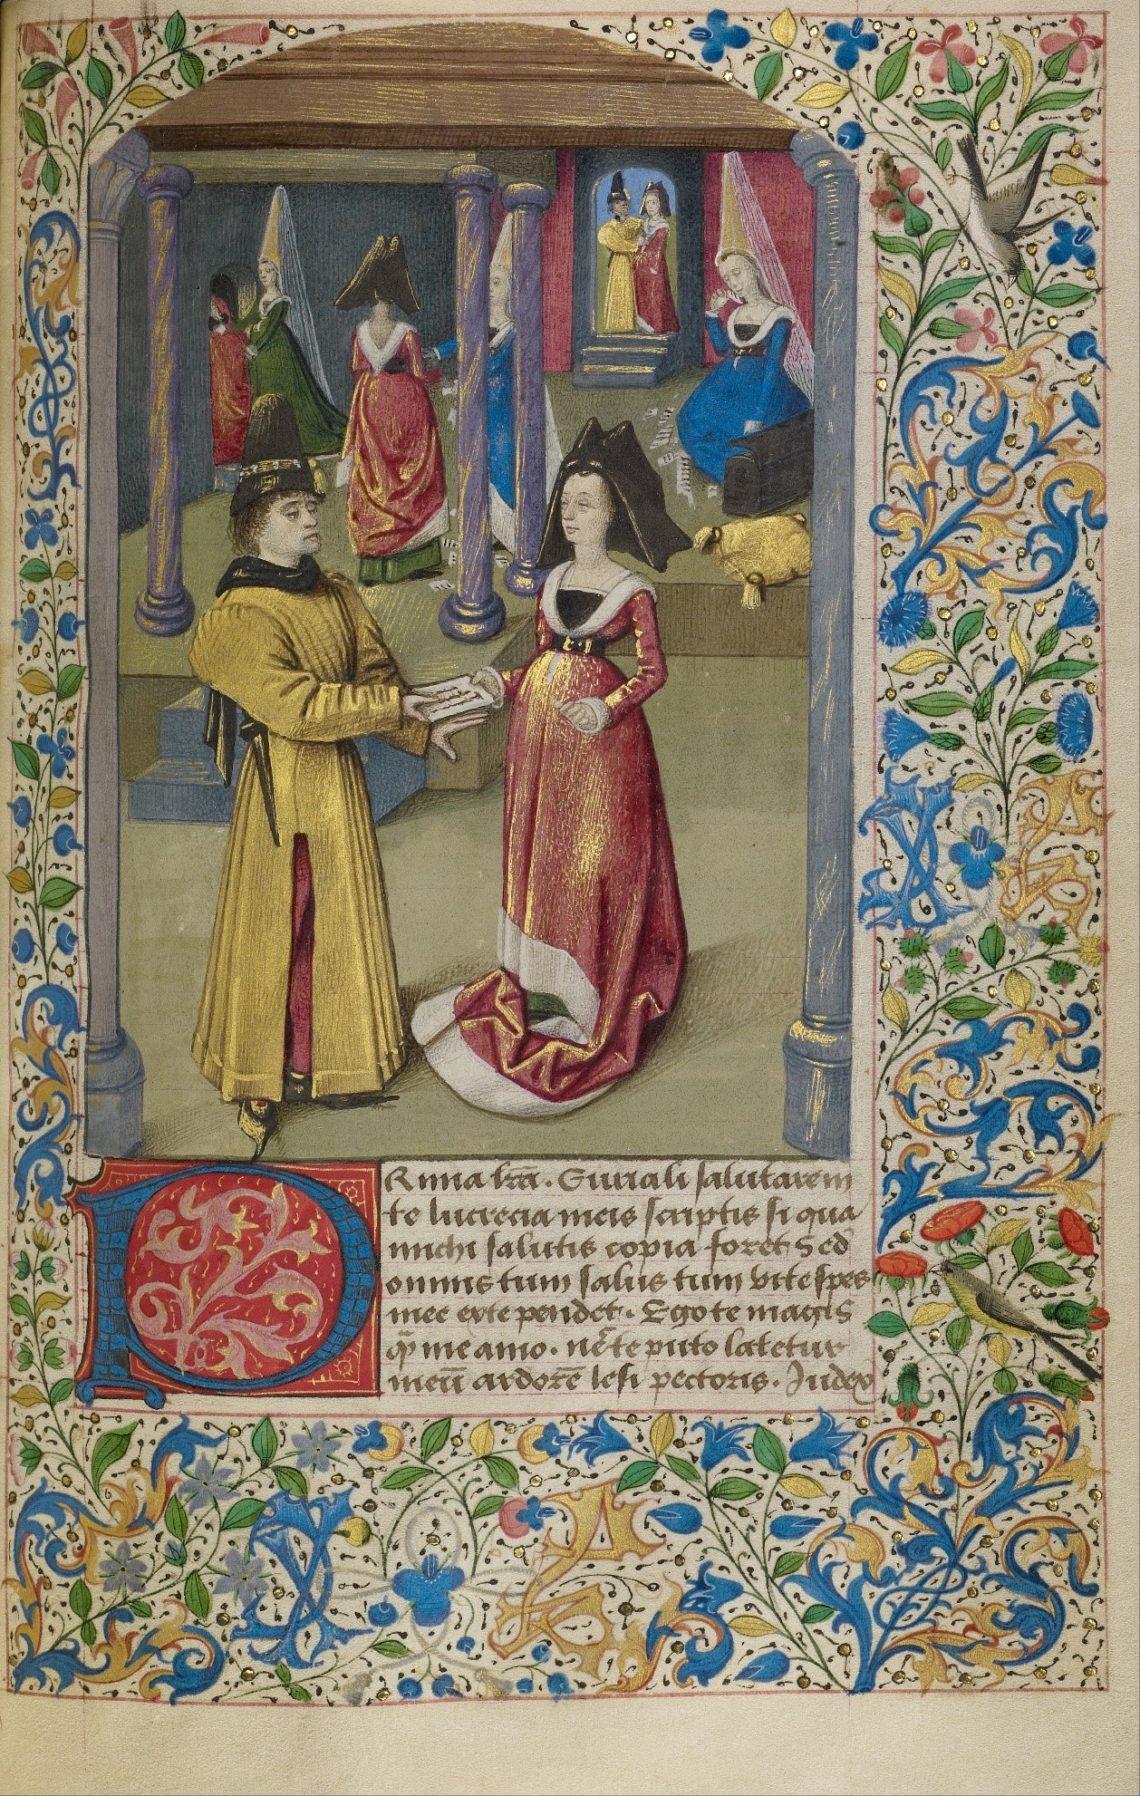 """Miniatura decorativa de um manuscrito do livro """"História de dois amantes"""" além de diplomata e papa."""